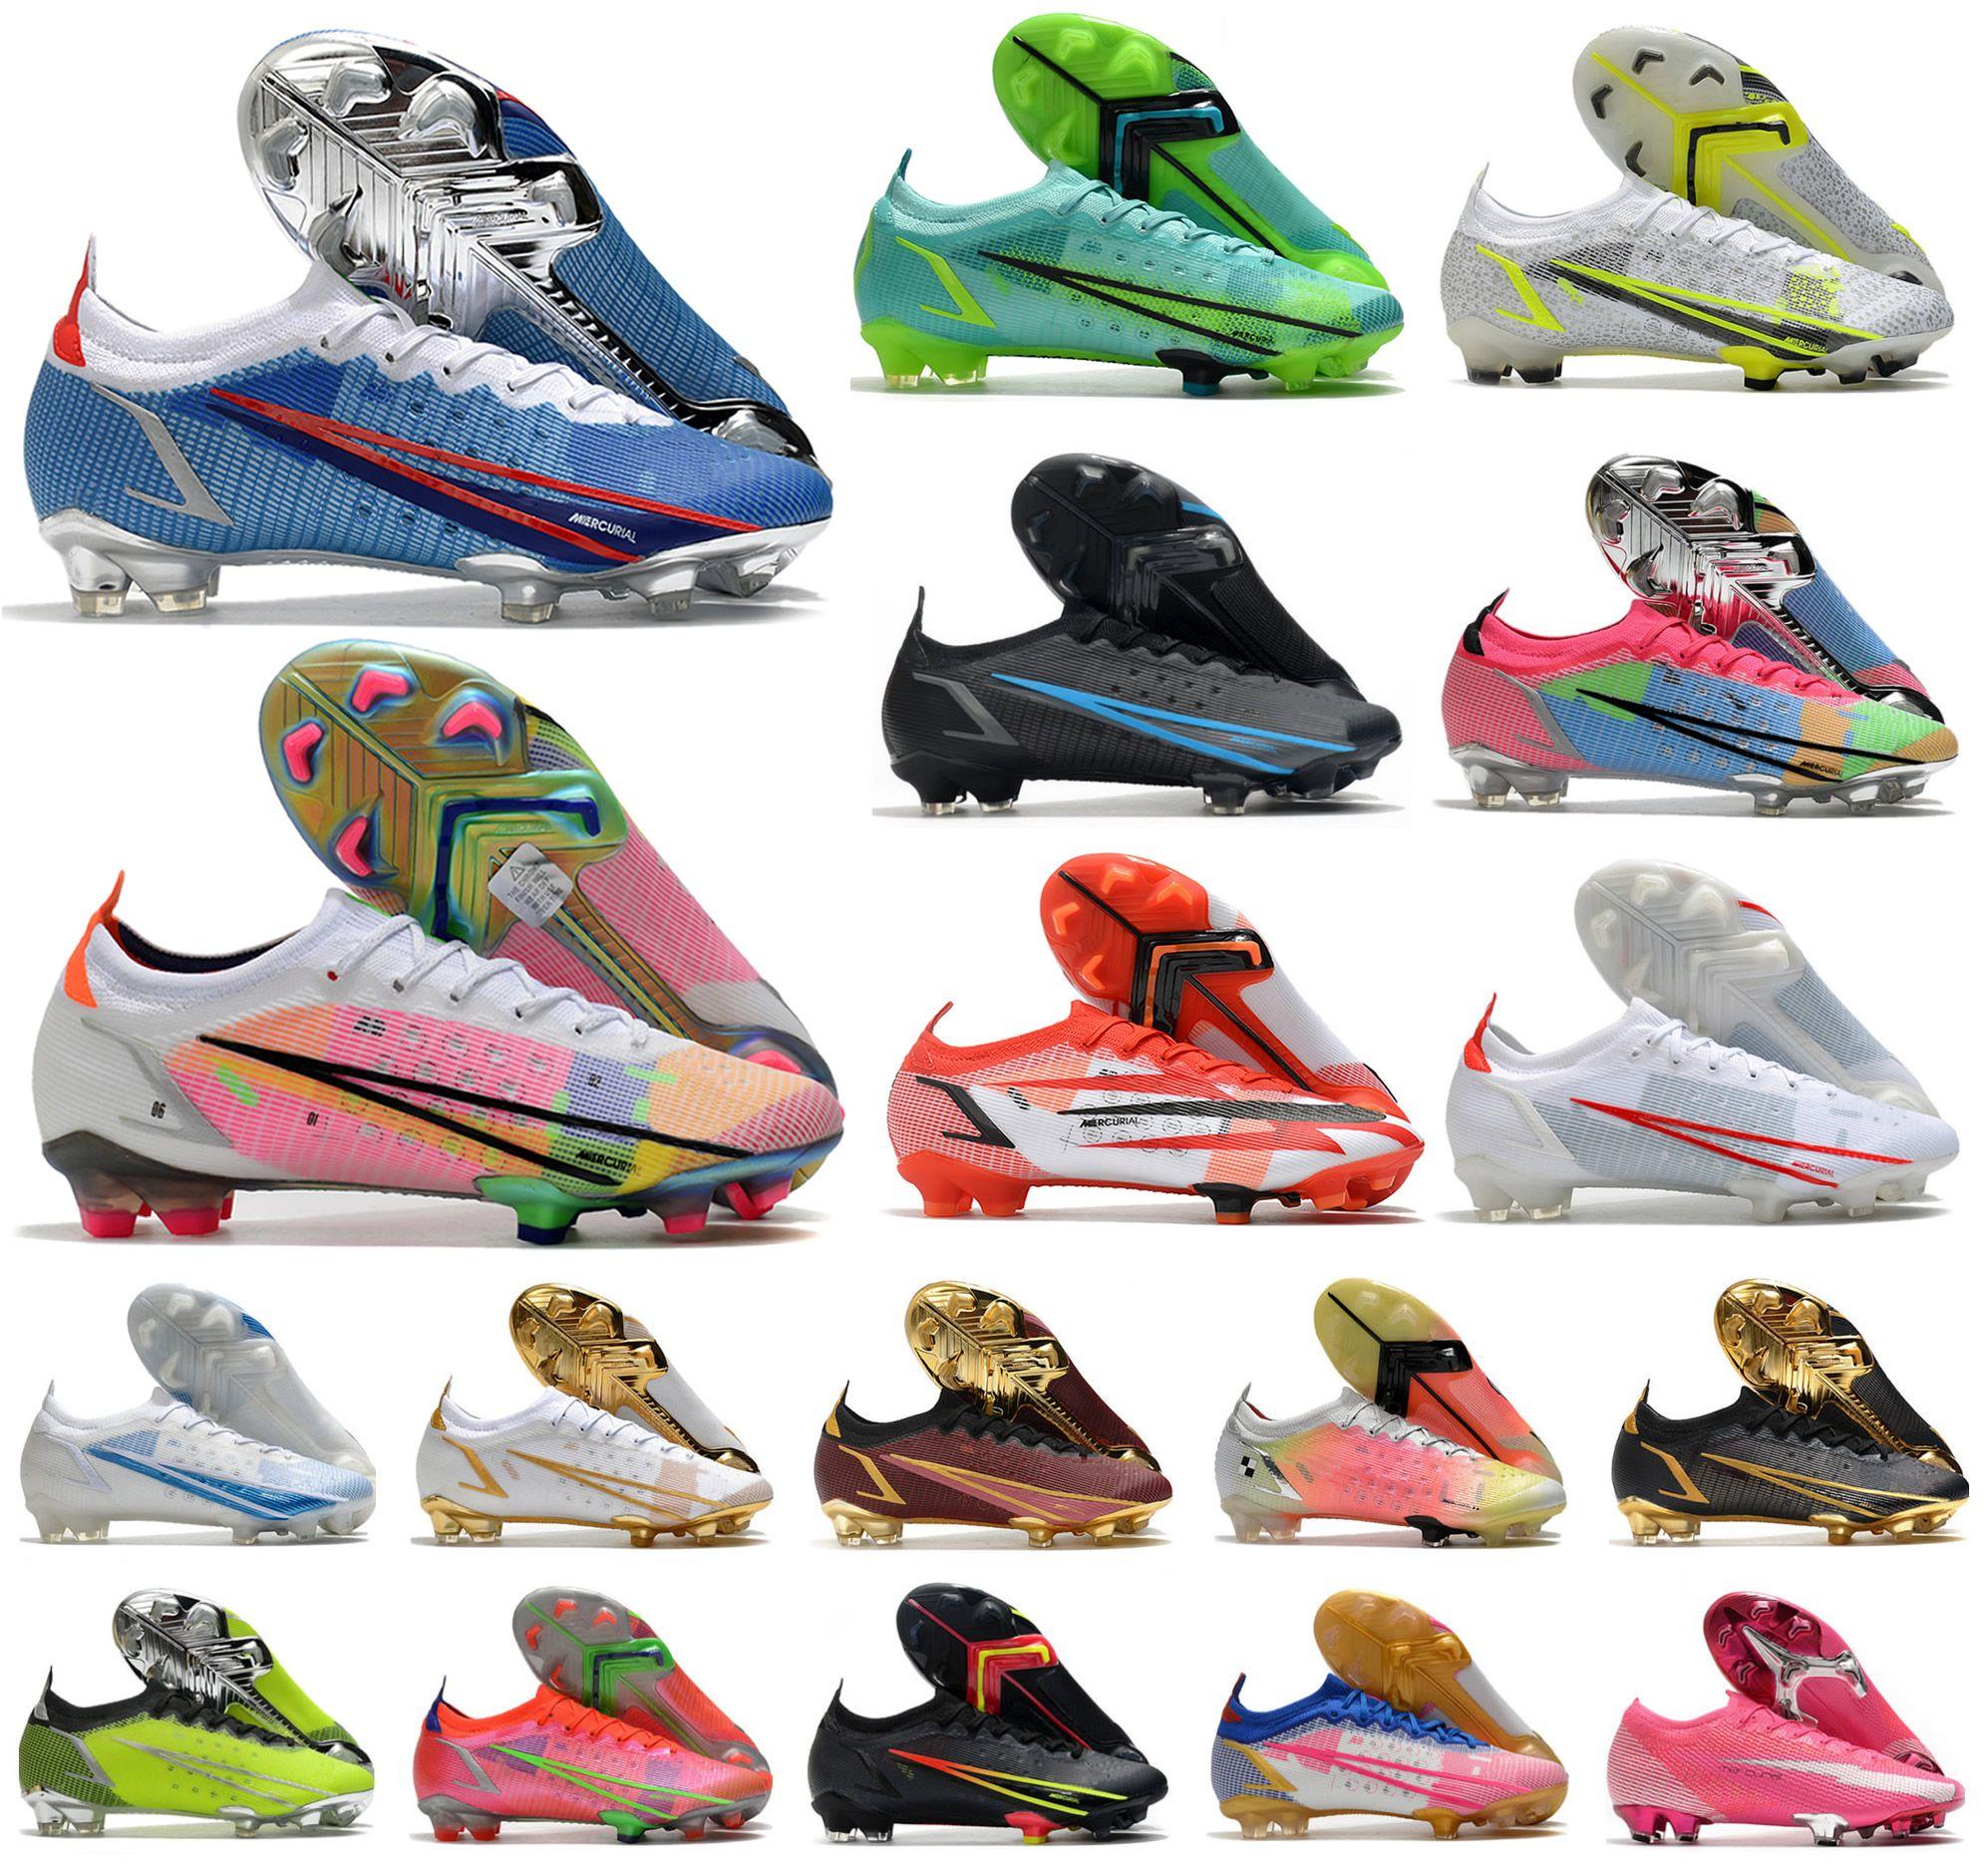 2021 Erkekler VA Pors XIV 14 360 Elite Fg Dragonfly Futbol Ayakkabı CR7 Ronaldo Impulse Paketi MDS 004 Düşük Kadın Çocuklar Futbol Çizmeler Cleats Boyutu 39-45